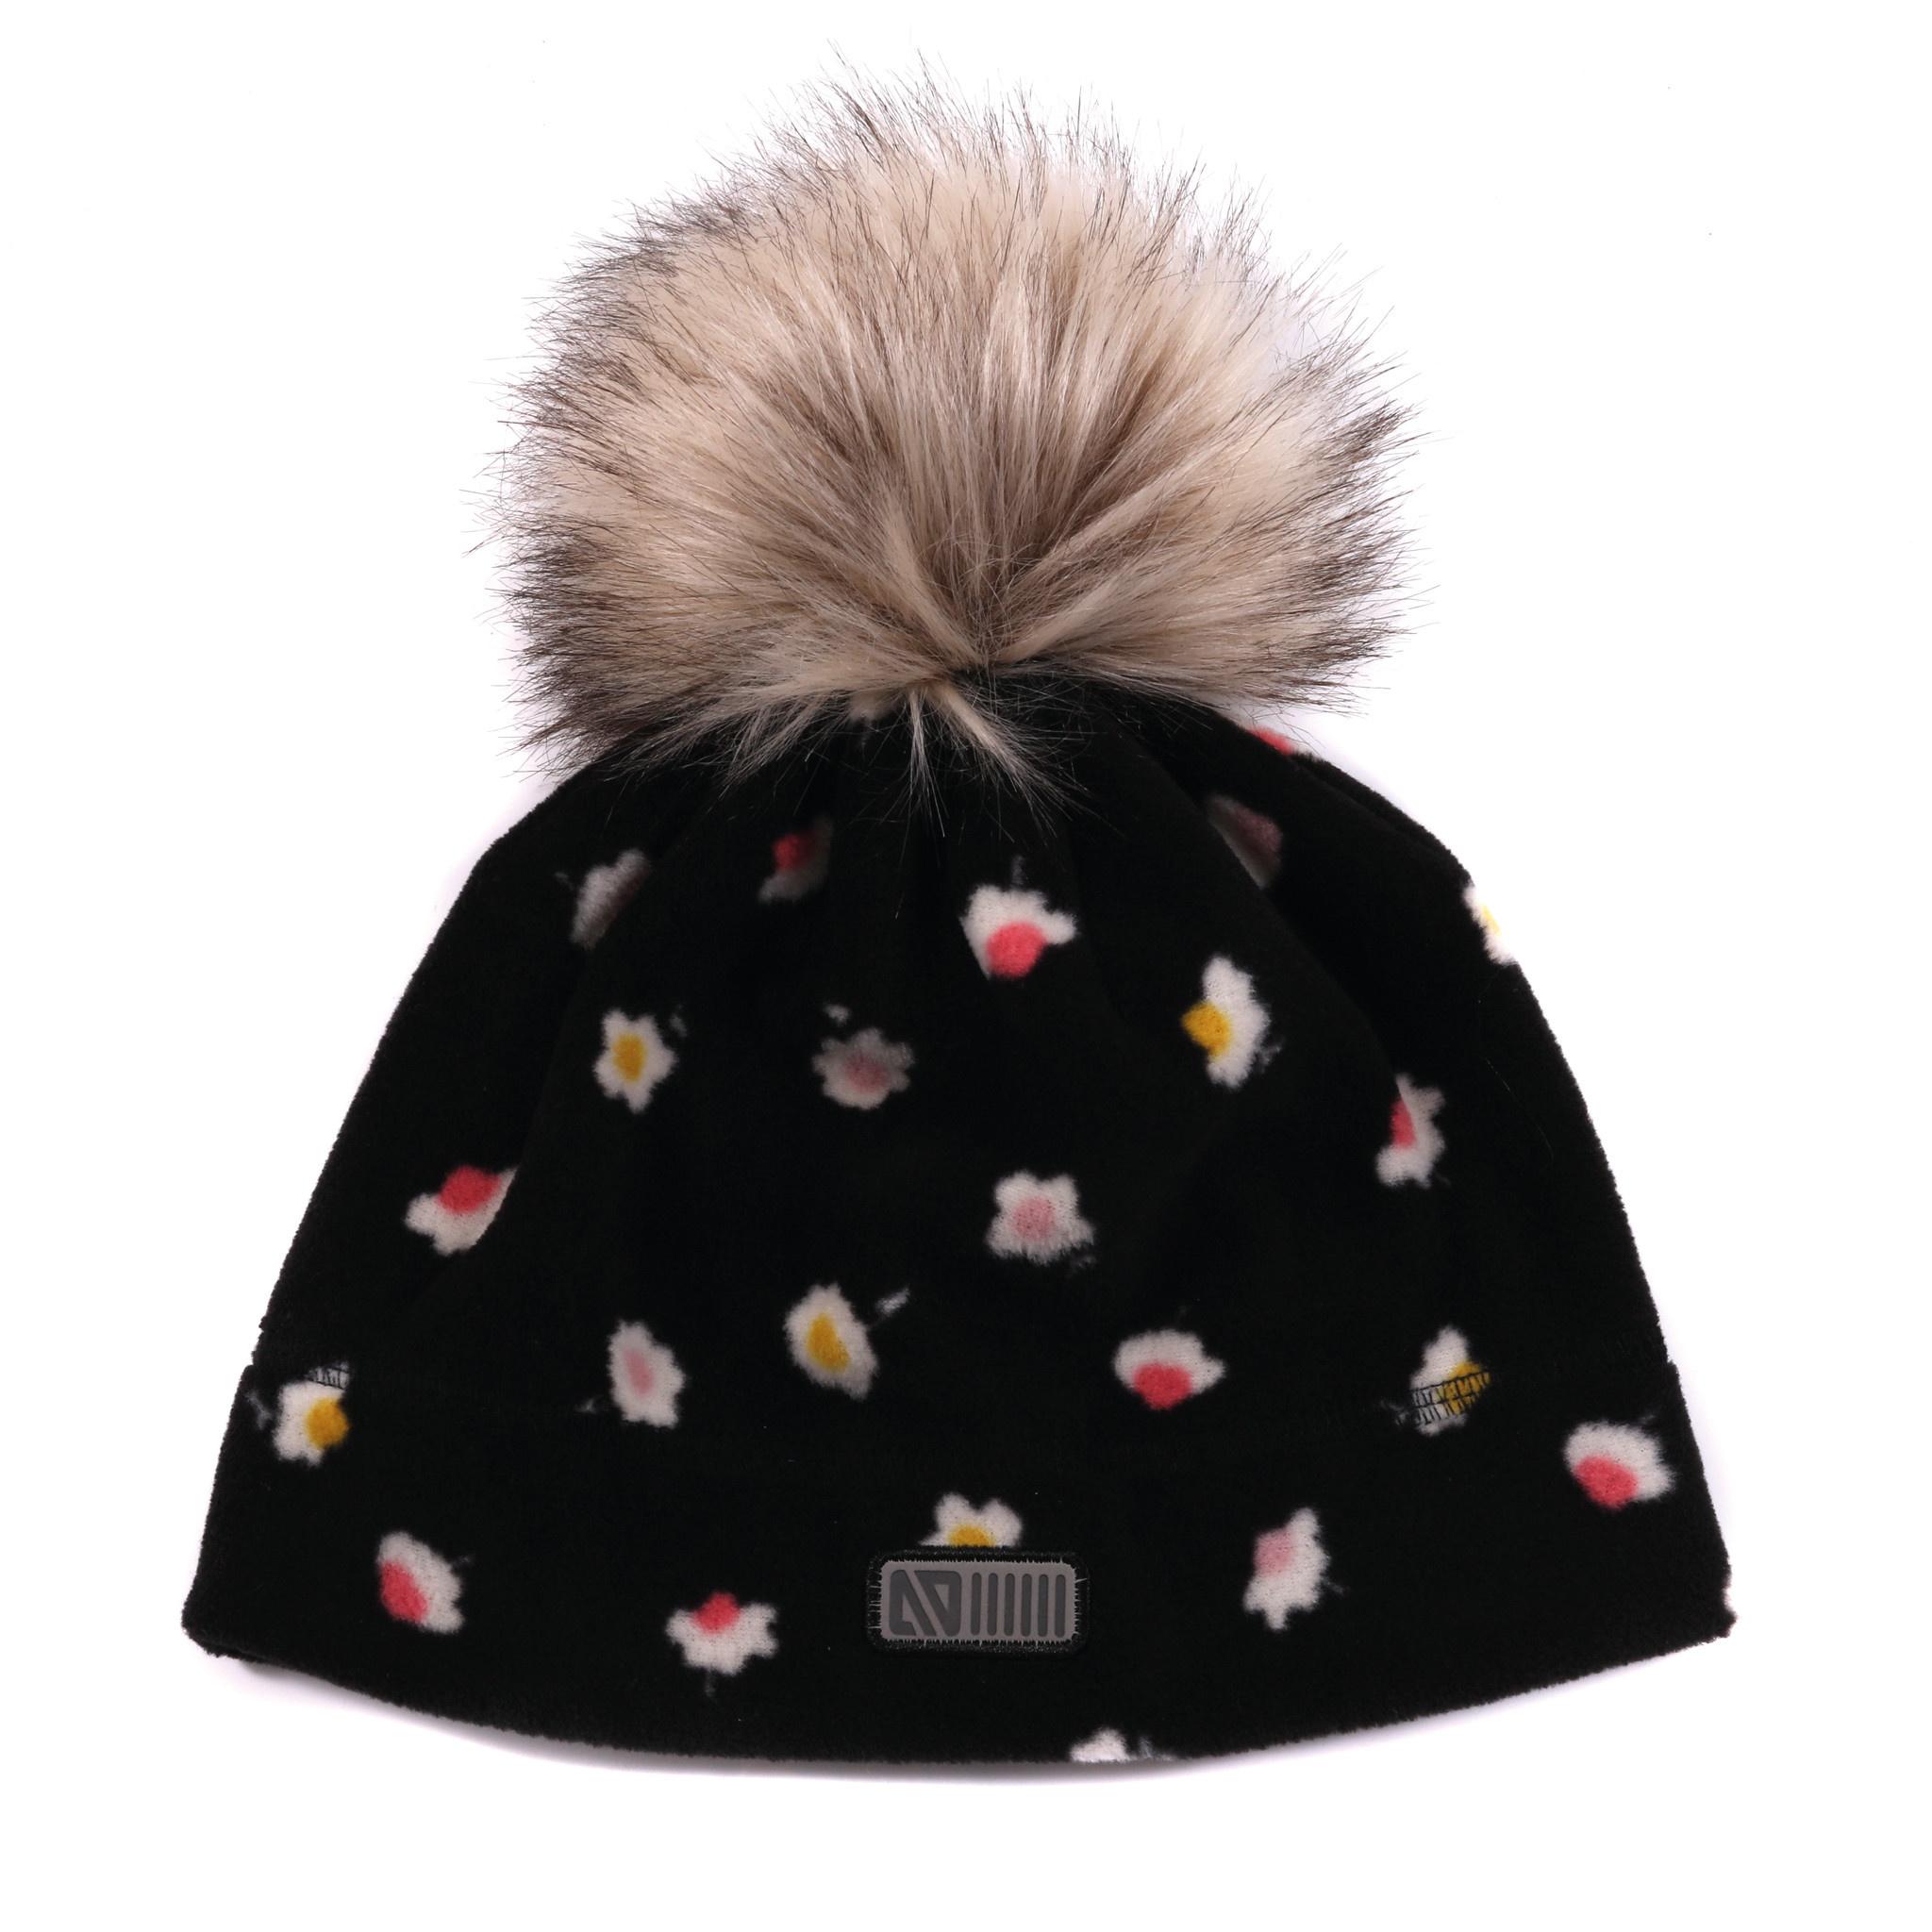 Tuque en polar avec oreilles Noire Fleurs-3